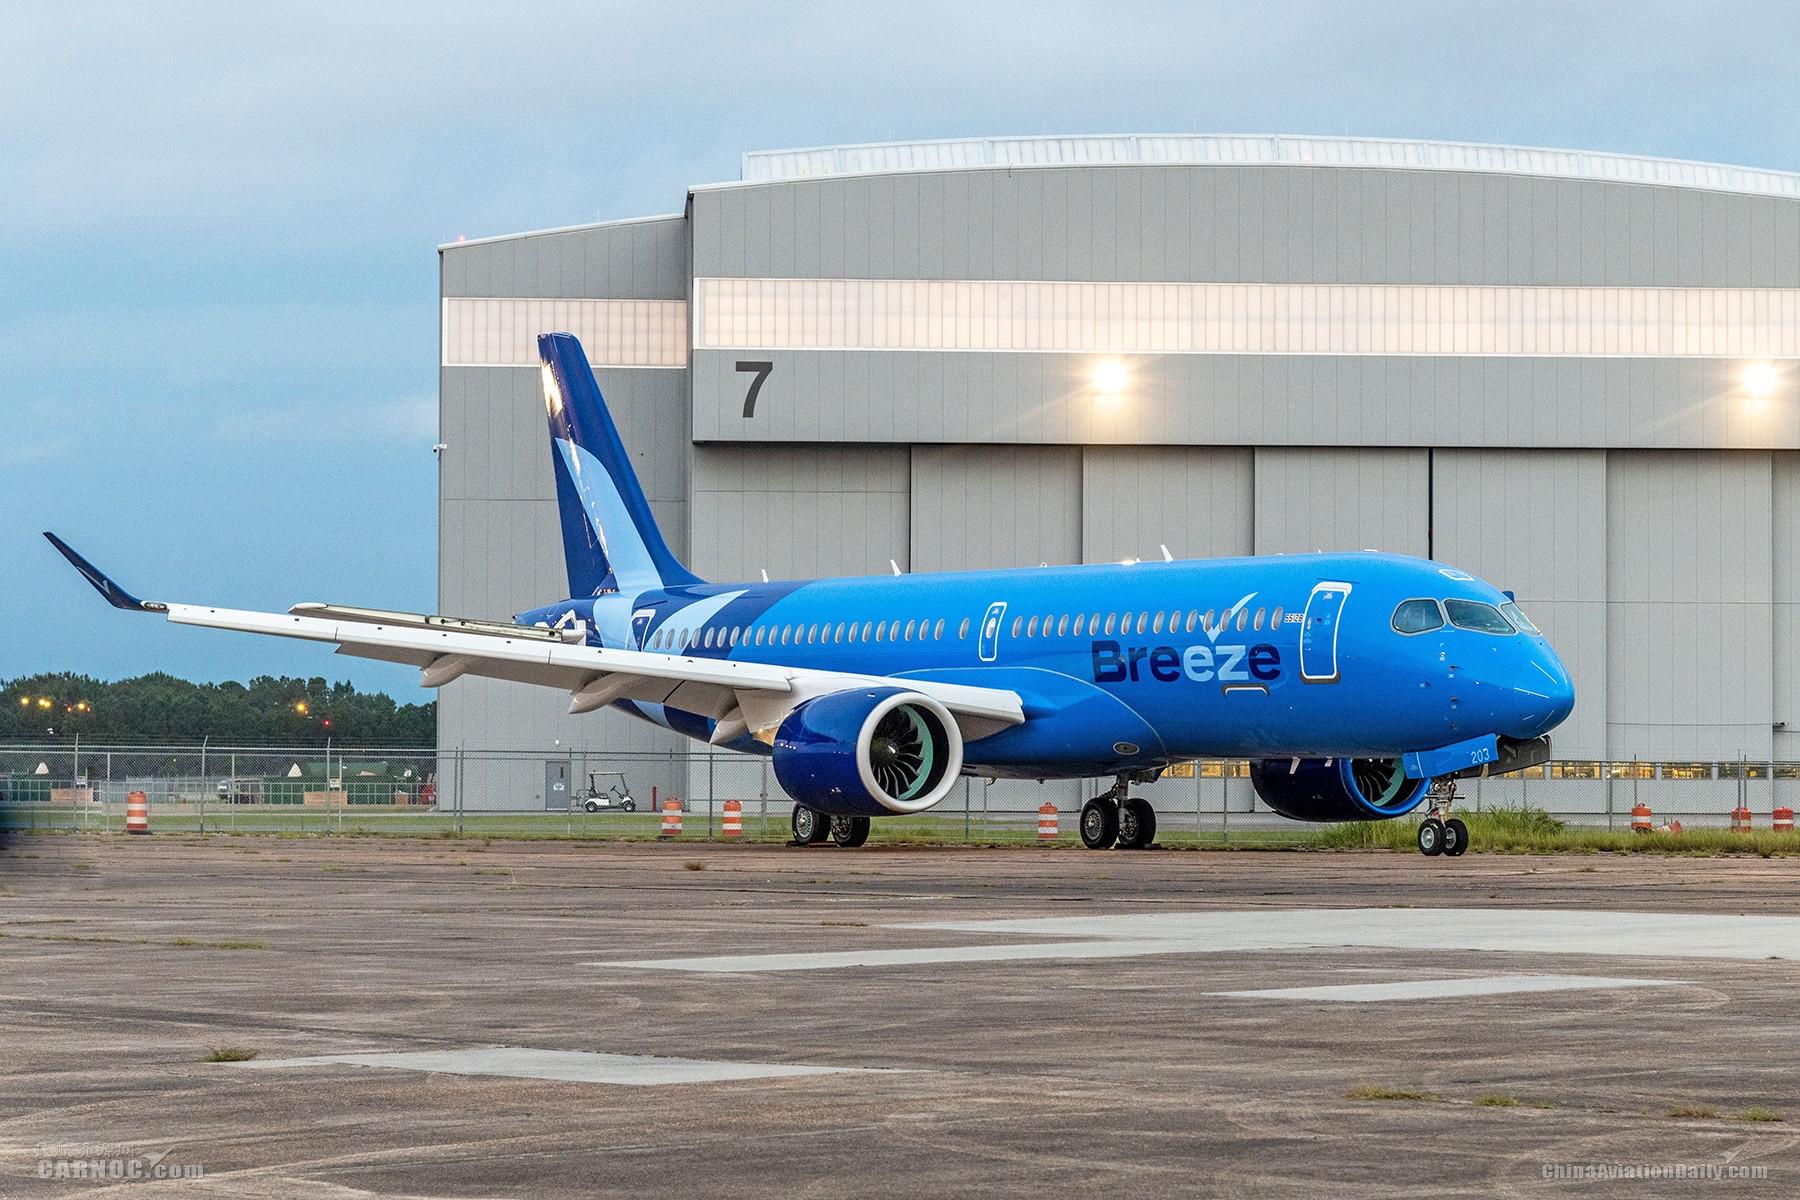 微风航空全新A220涂装亮相 并宣布增购20架空客A220-300飞机